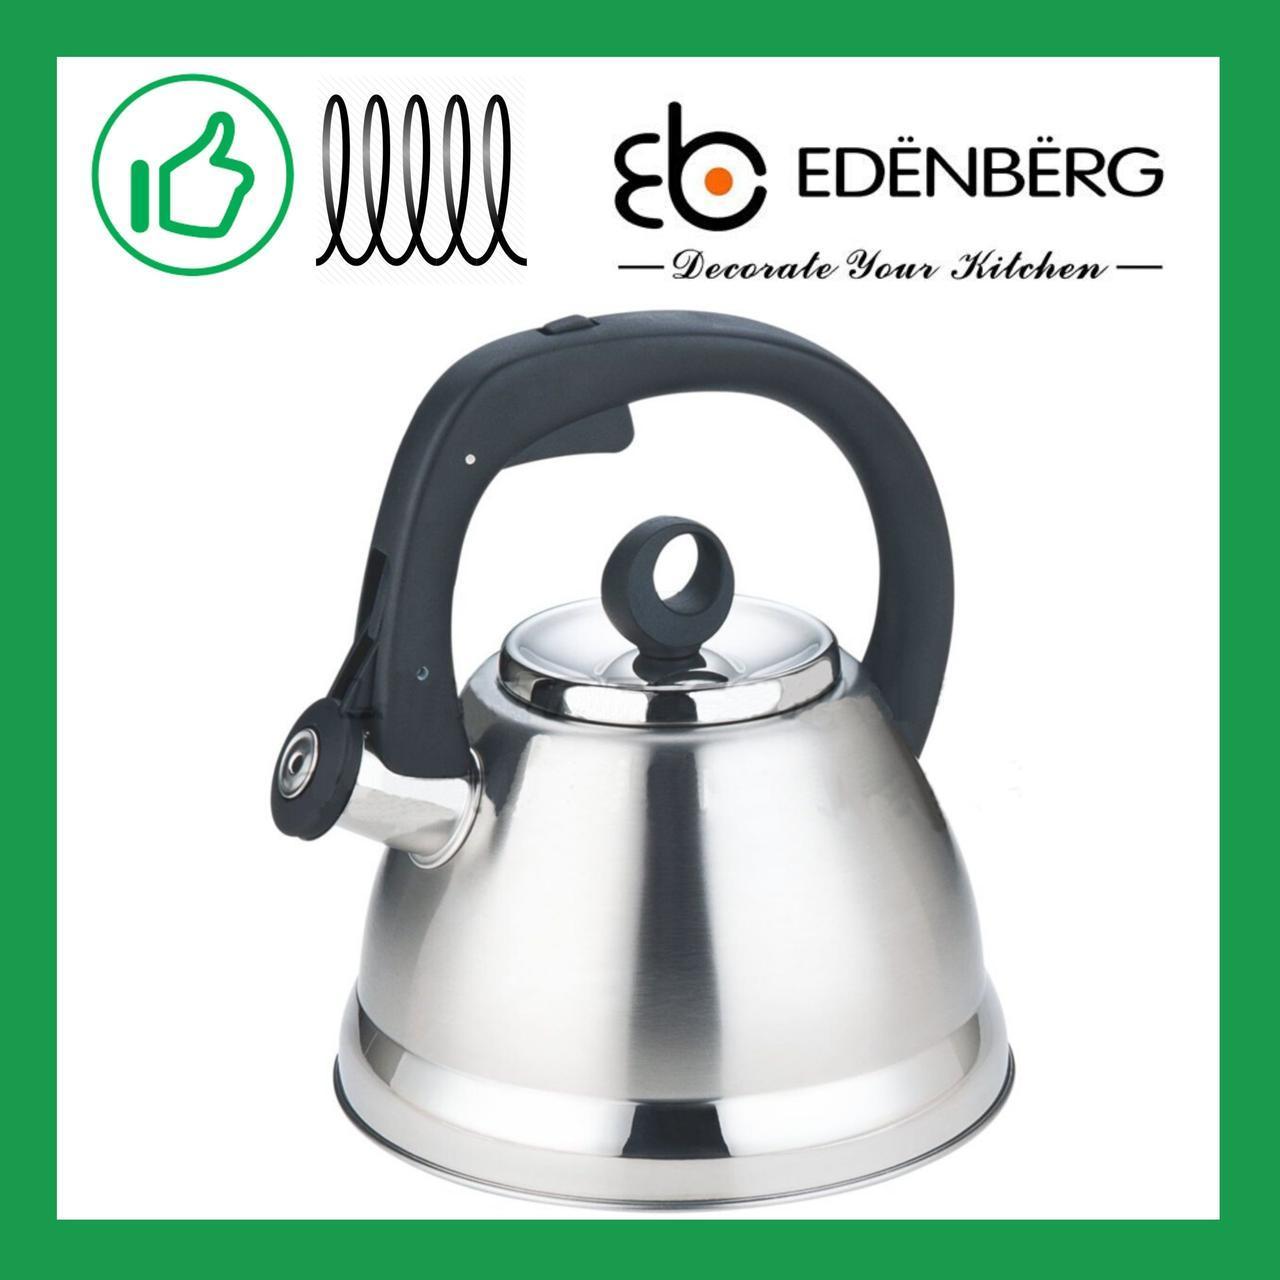 Чайник из нержавеющей стали со свистком Edenberg 3.0 л (EB-8813)